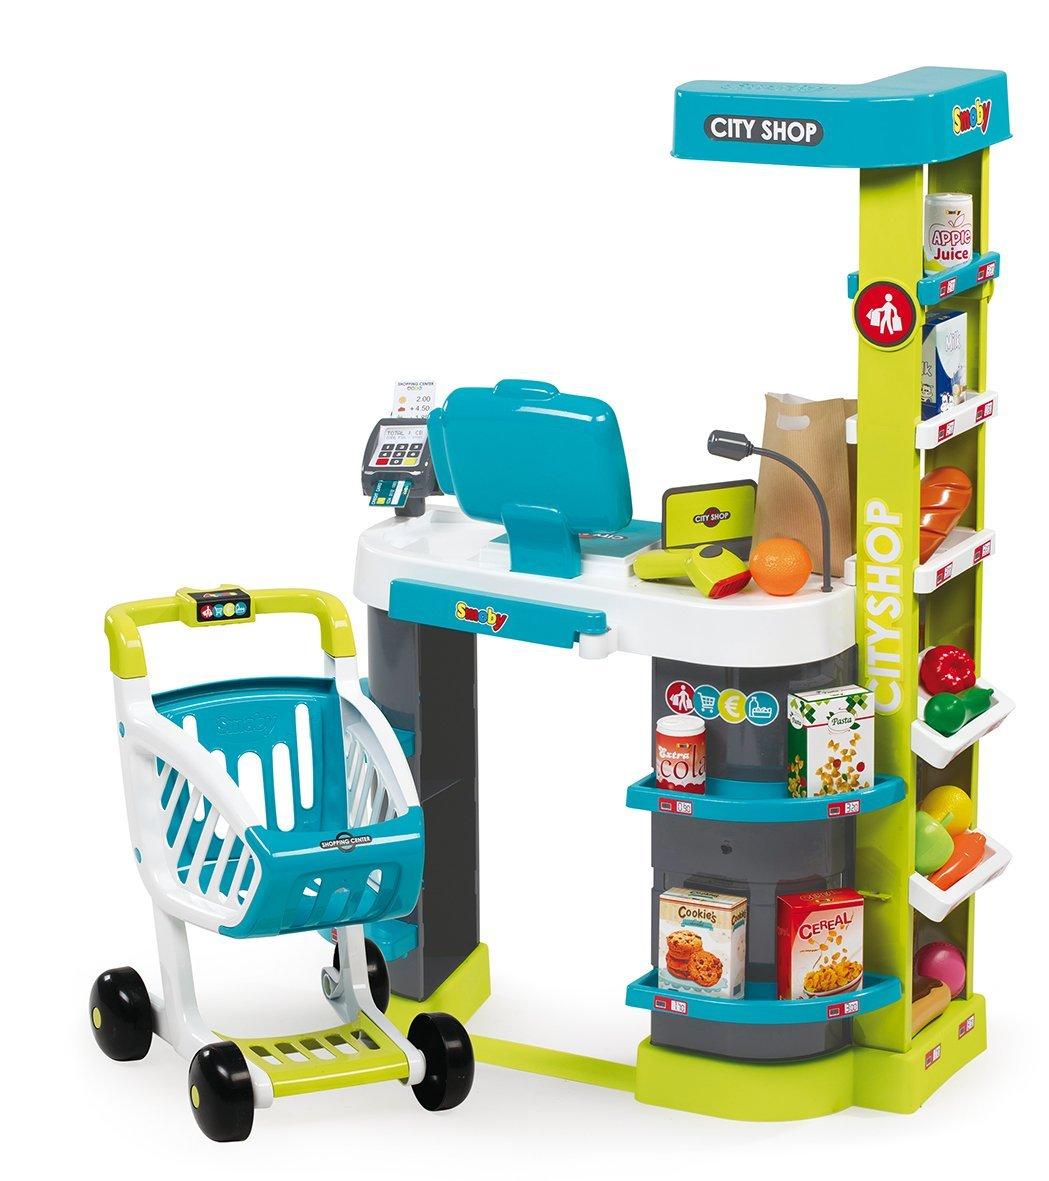 Супермаркет игровой City Shop, со световыми и звуковыми эффектамиДетская игрушка Касса. Магазин. Супермаркет<br>Супермаркет игровой City Shop, со световыми и звуковыми эффектами<br>